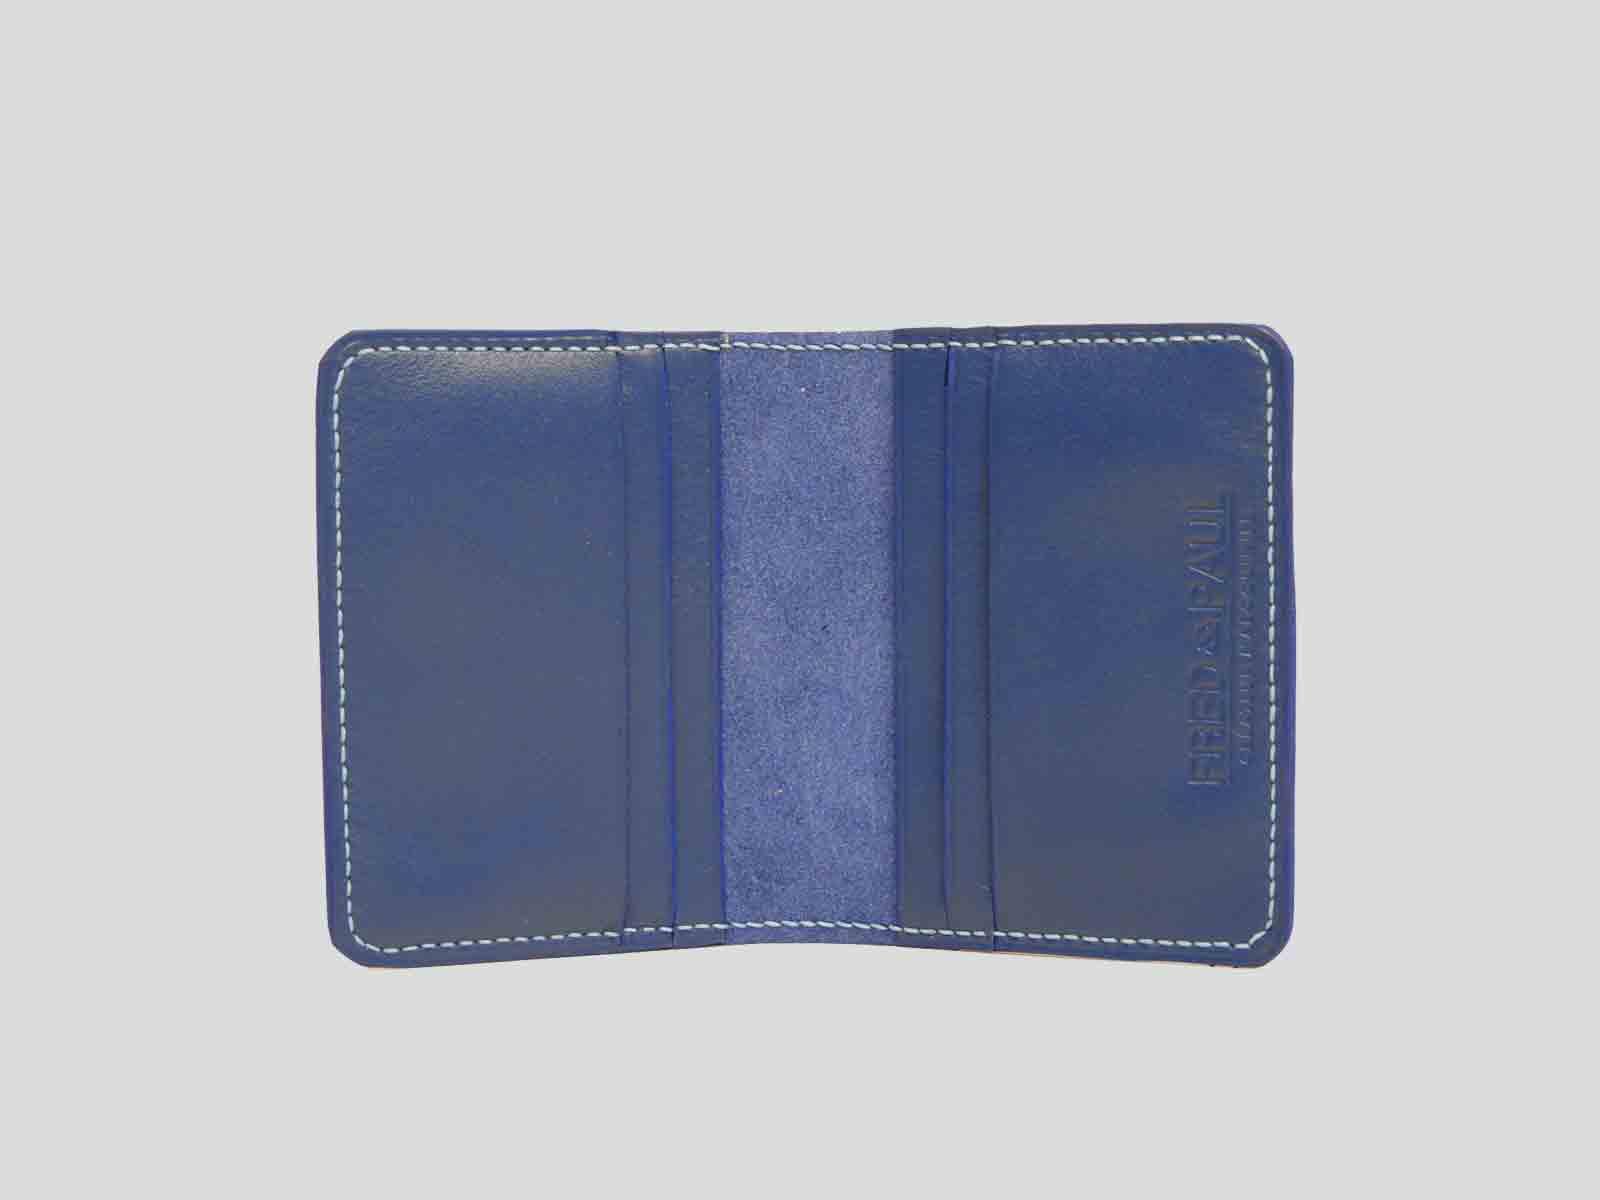 AUSTRAL, porte cartes  en cuir de veau bleu jean